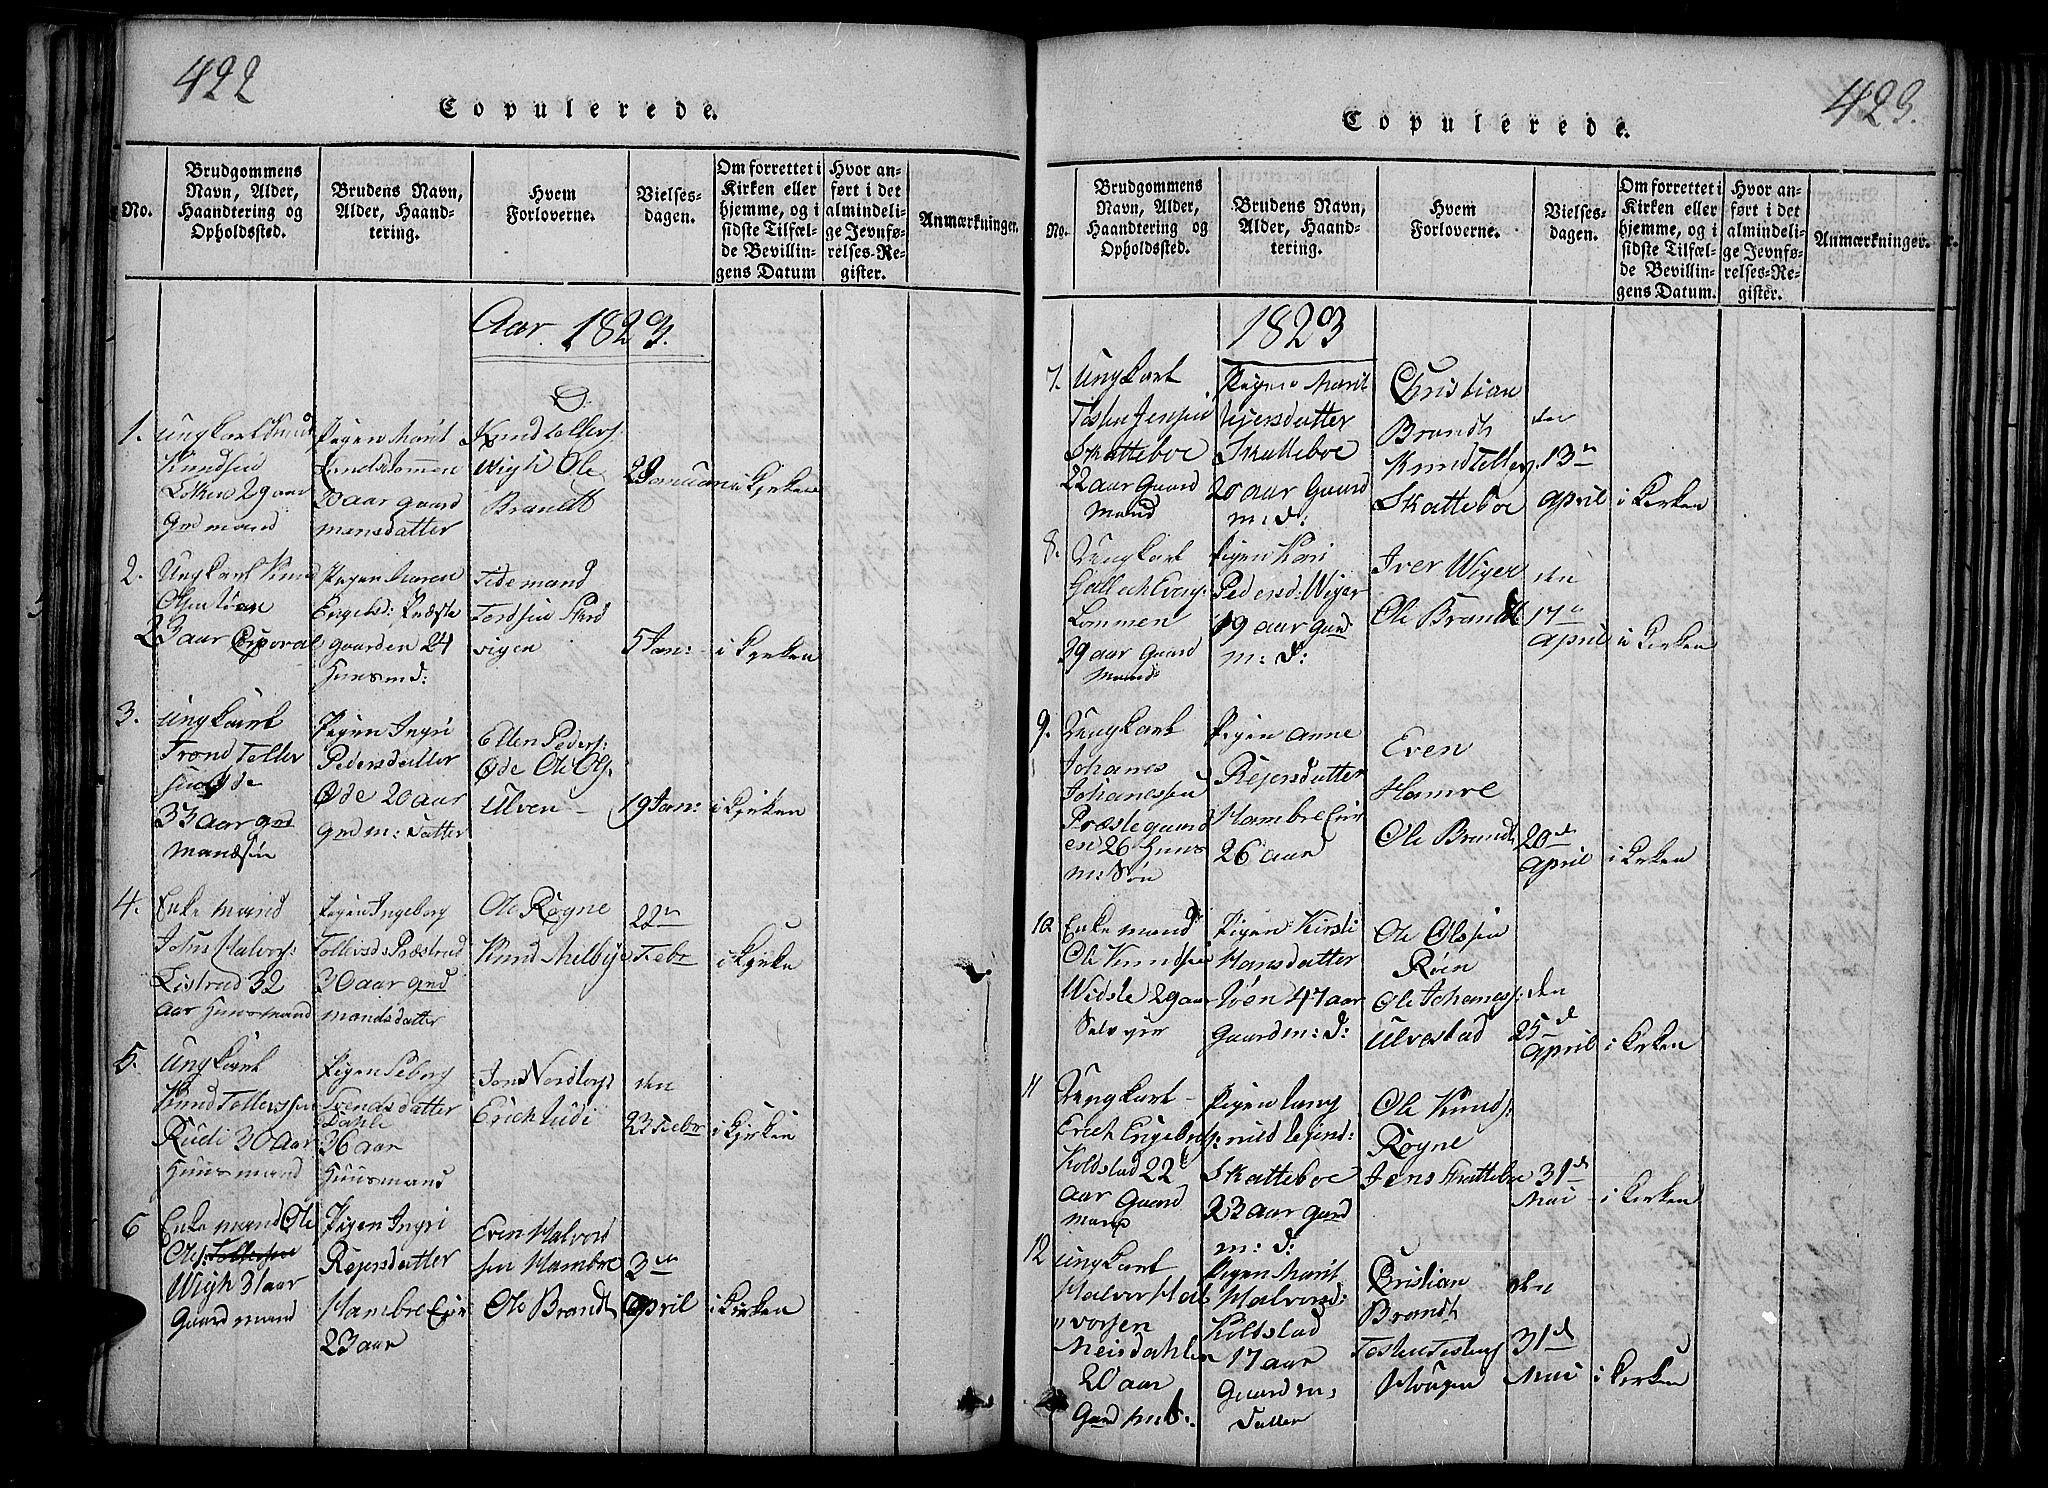 SAH, Slidre prestekontor, Ministerialbok nr. 2, 1814-1830, s. 422-423